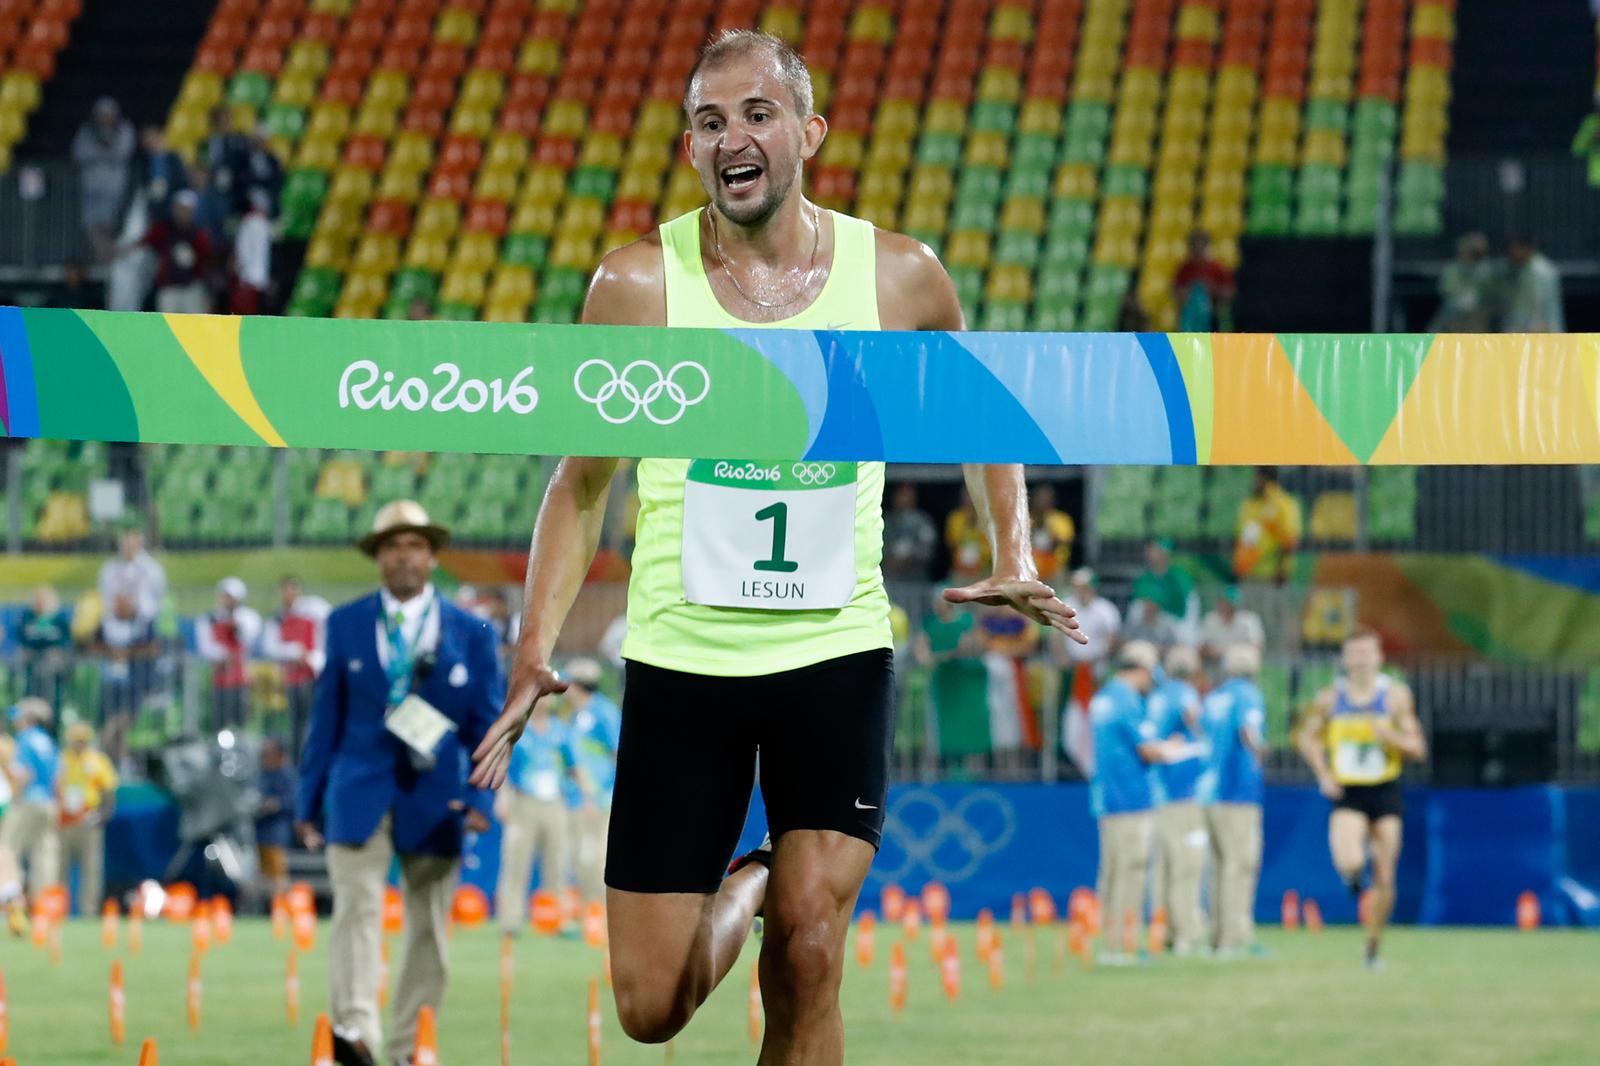 Российский пятиборец Александр Лесун выиграл личный турнир Олимпийских игр